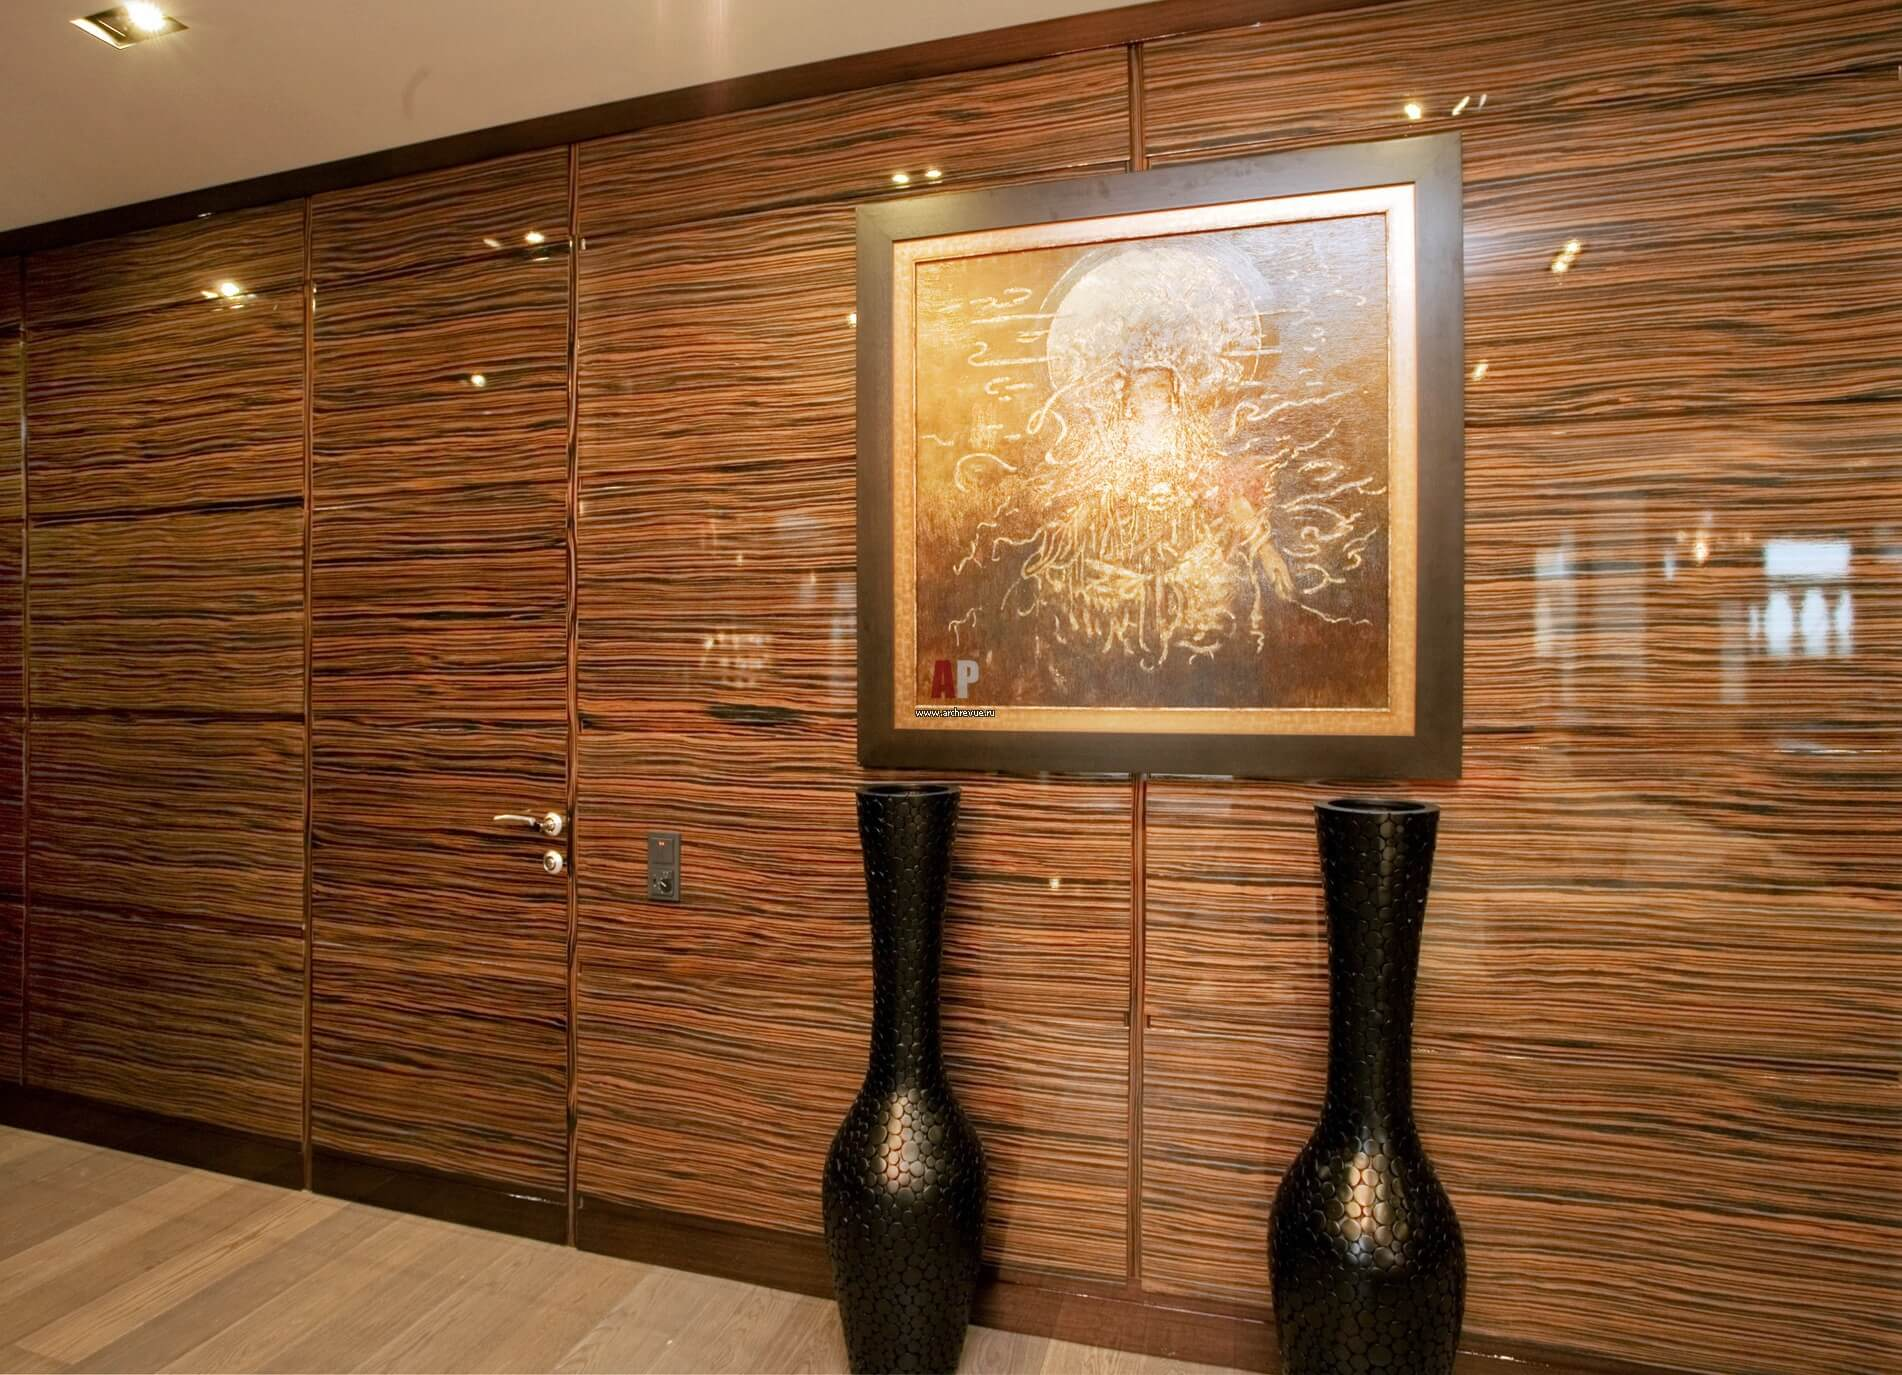 Отделка стен деревом — лучшие идеи и варианты современного декора для оформления дизайна интерьера (85 фото + видео)